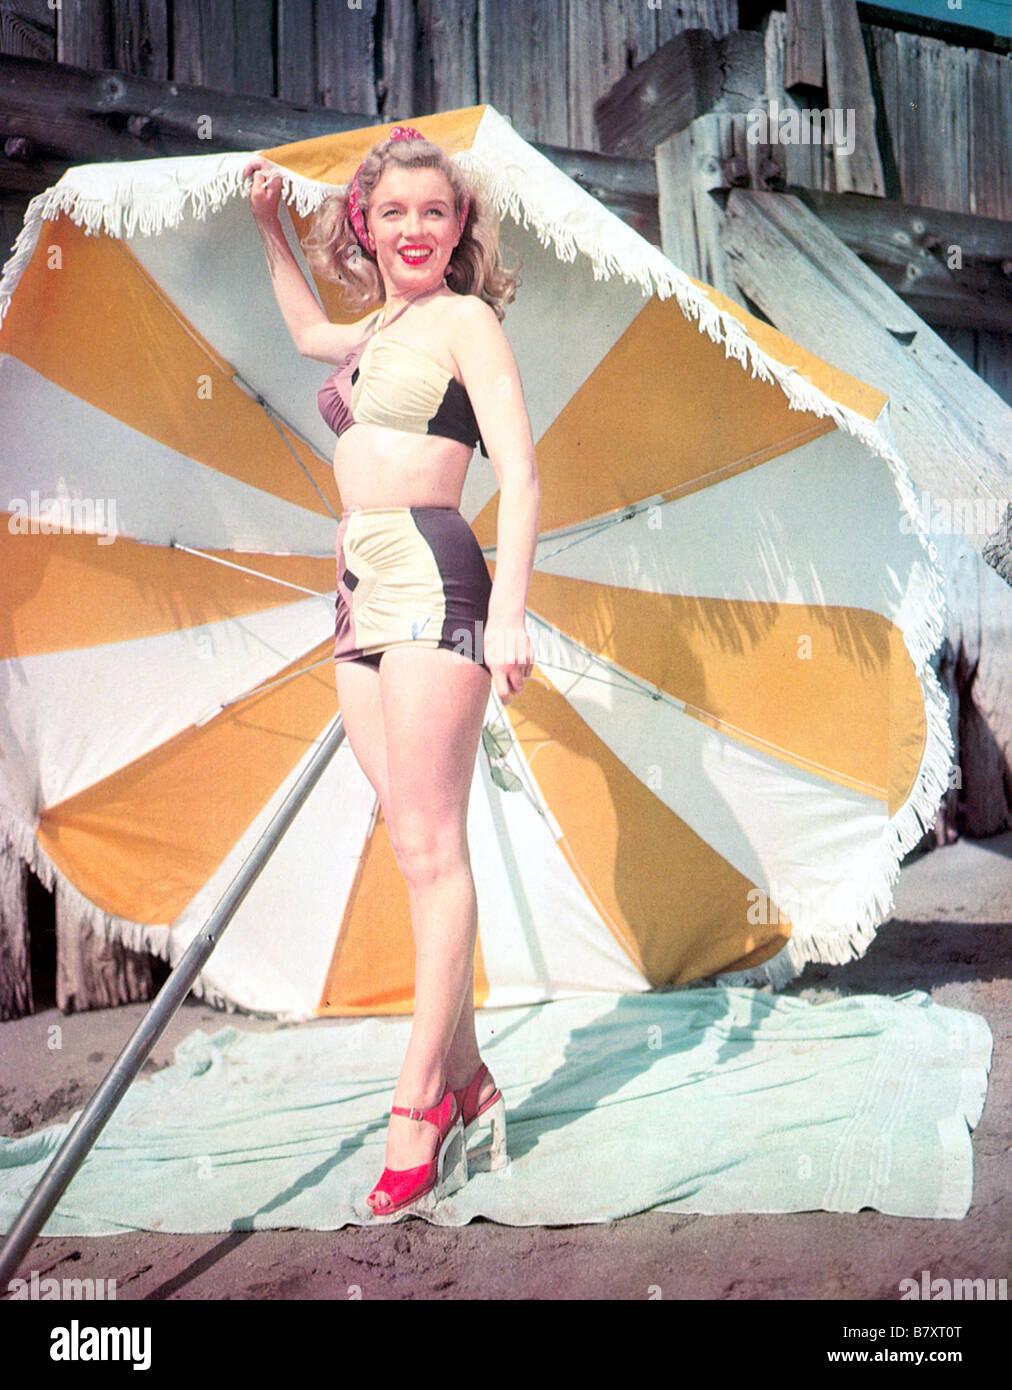 Photosamp; Monroe Marilyn Stock Stock Bikini Stock Marilyn Monroe Photosamp; Monroe Bikini Marilyn Bikini eWIY9EDH2